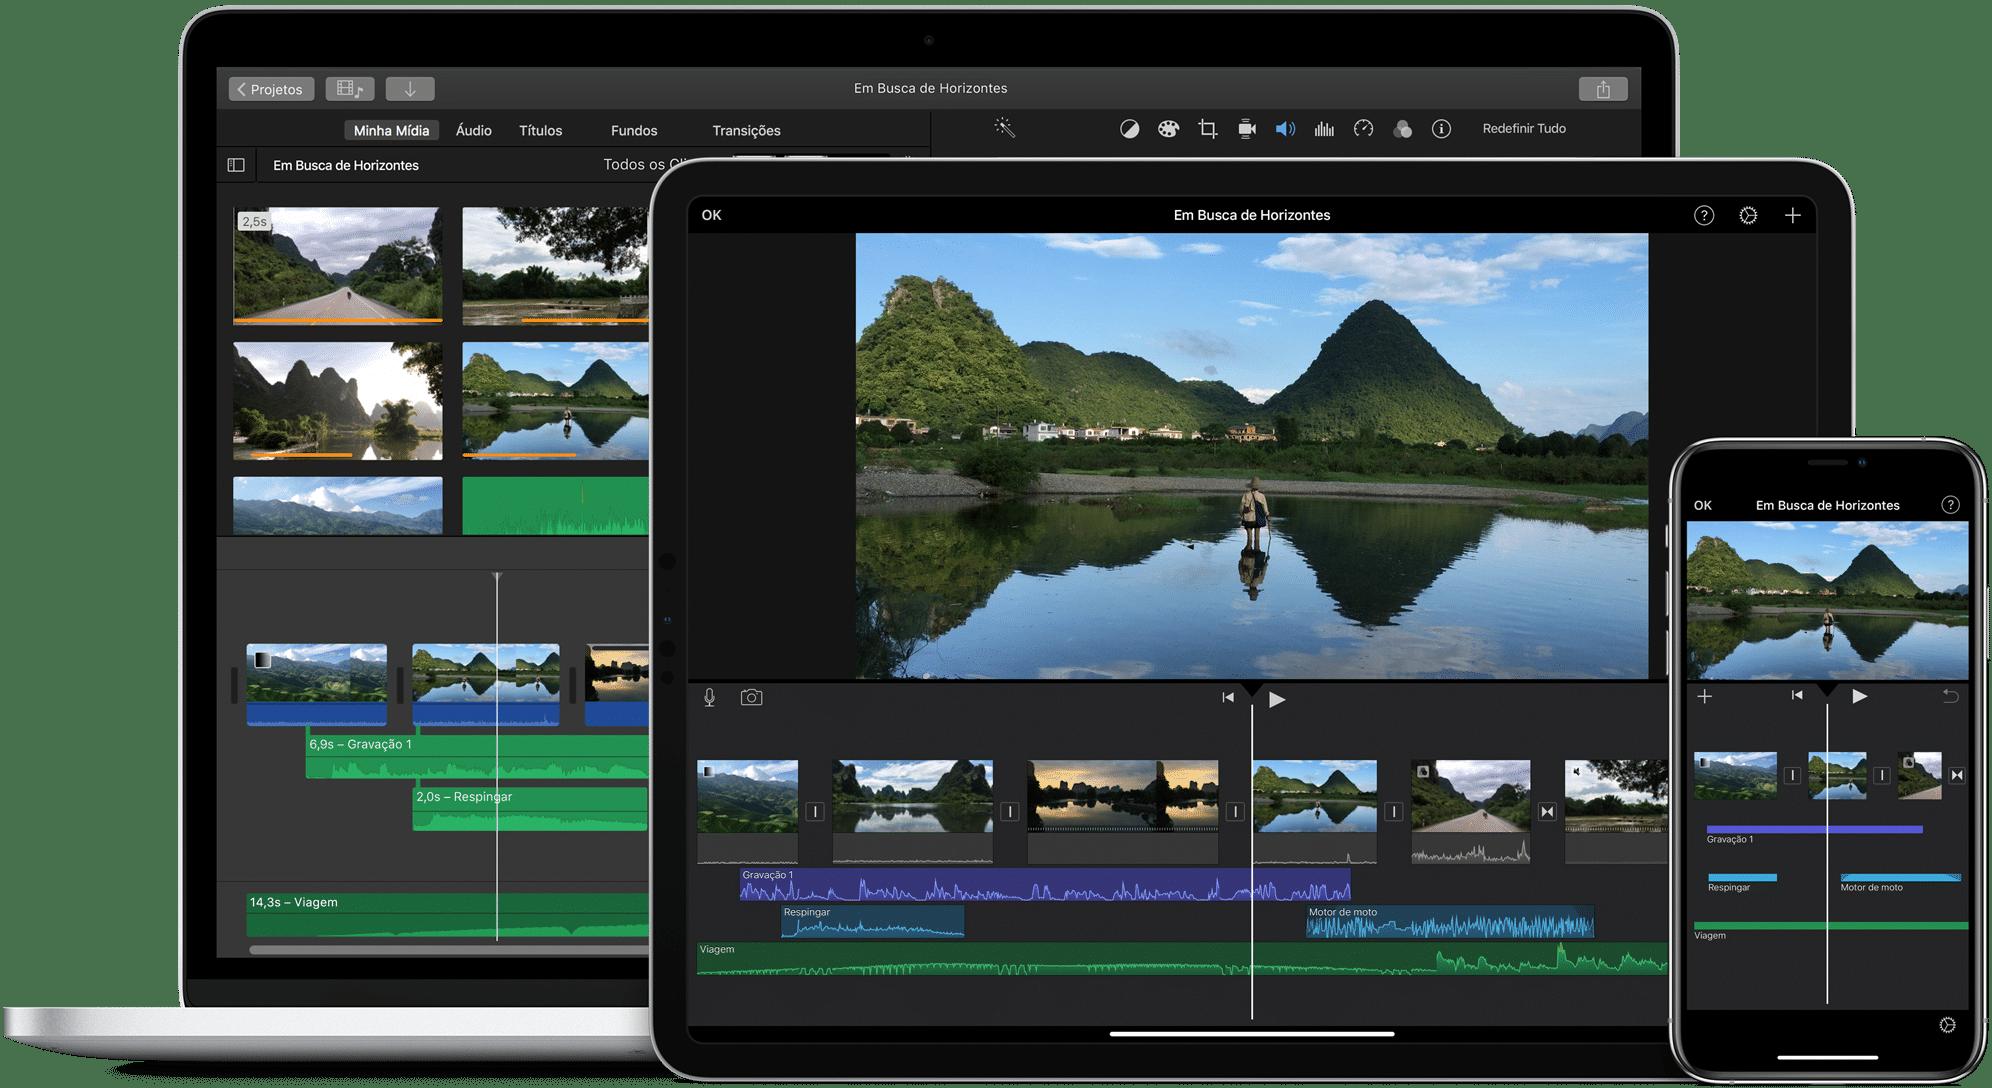 iMovie para macOS, iPadOS e iOS